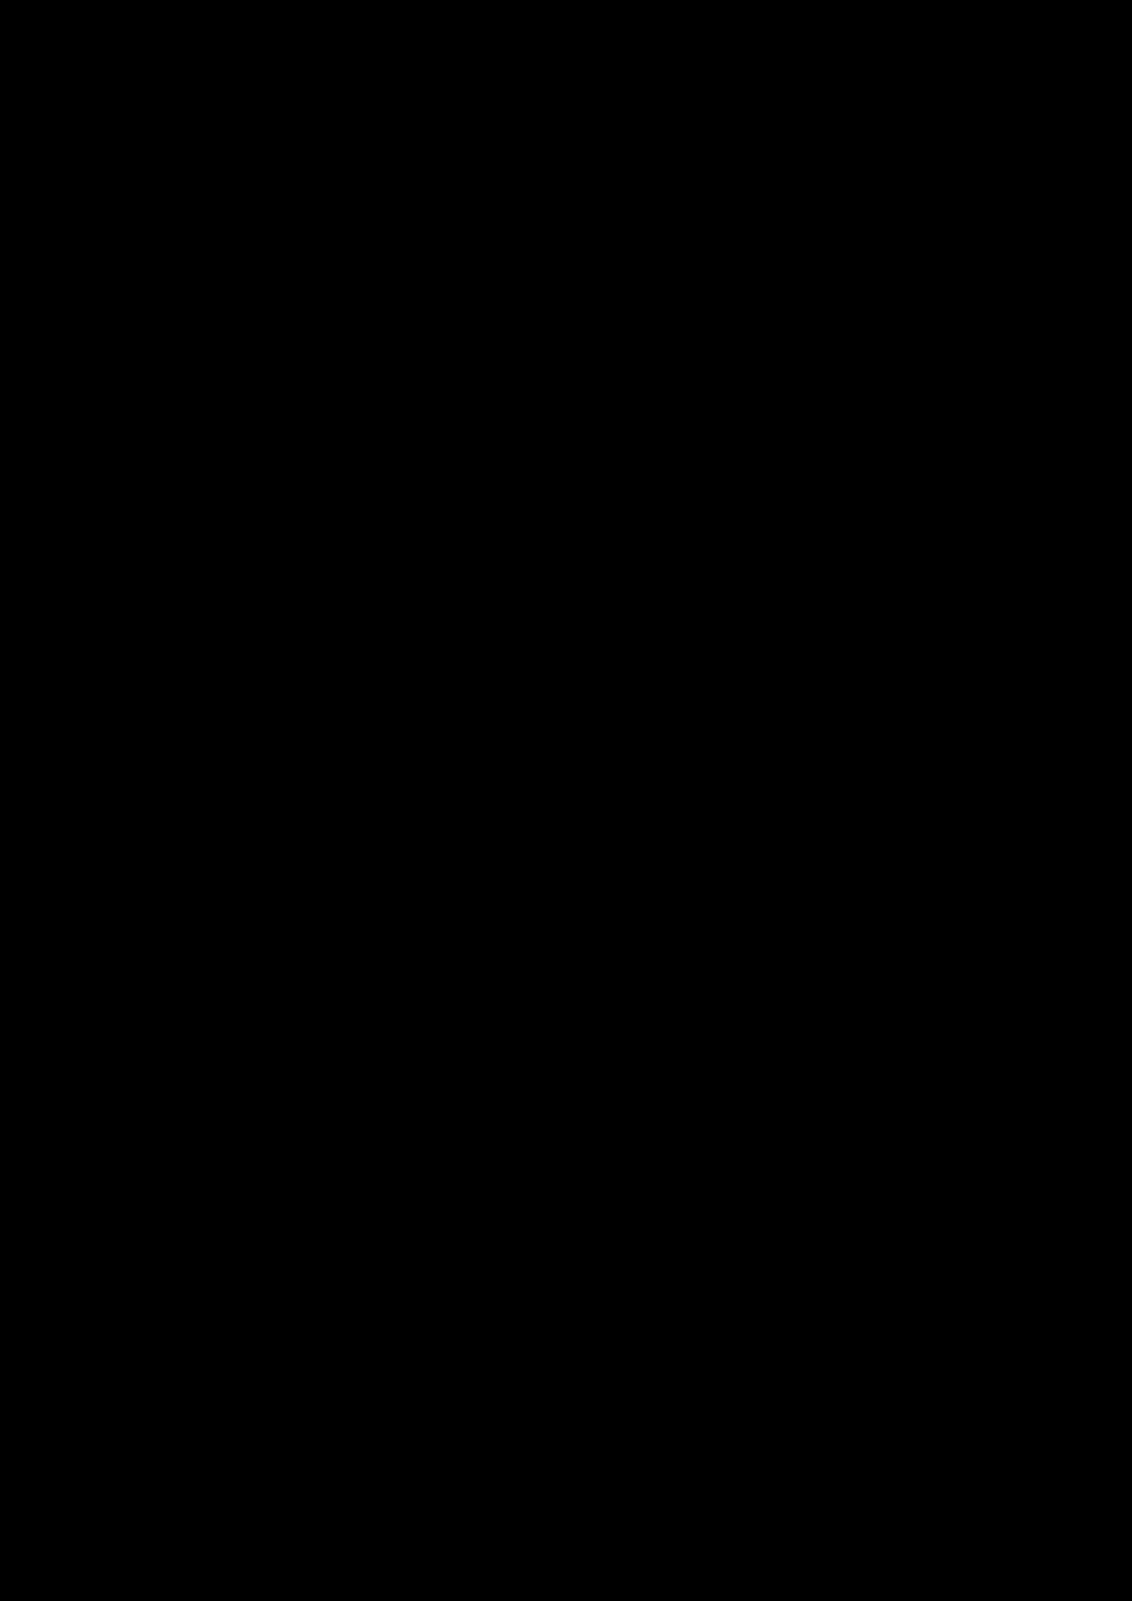 Serdtse slide, Image 33